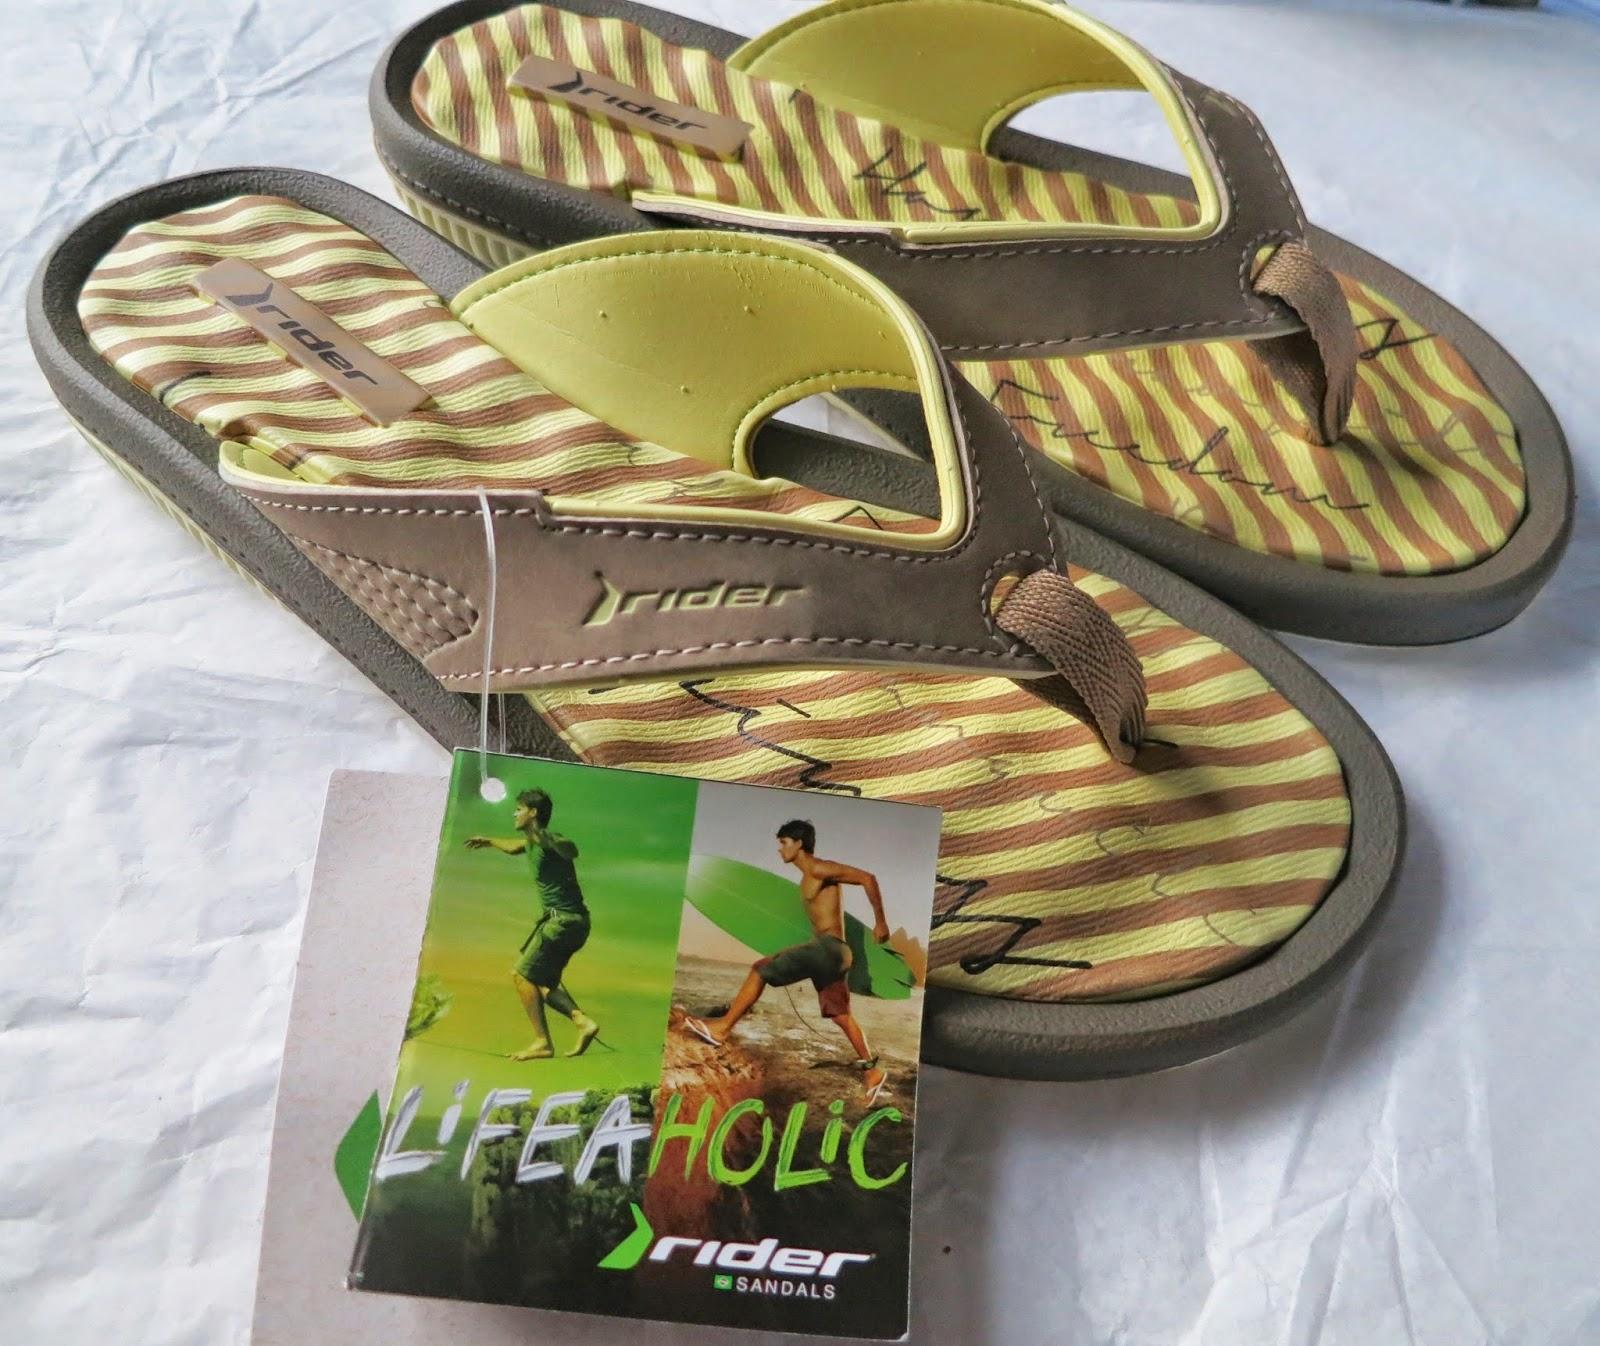 sandals, rider sandals, flip flops, footwear